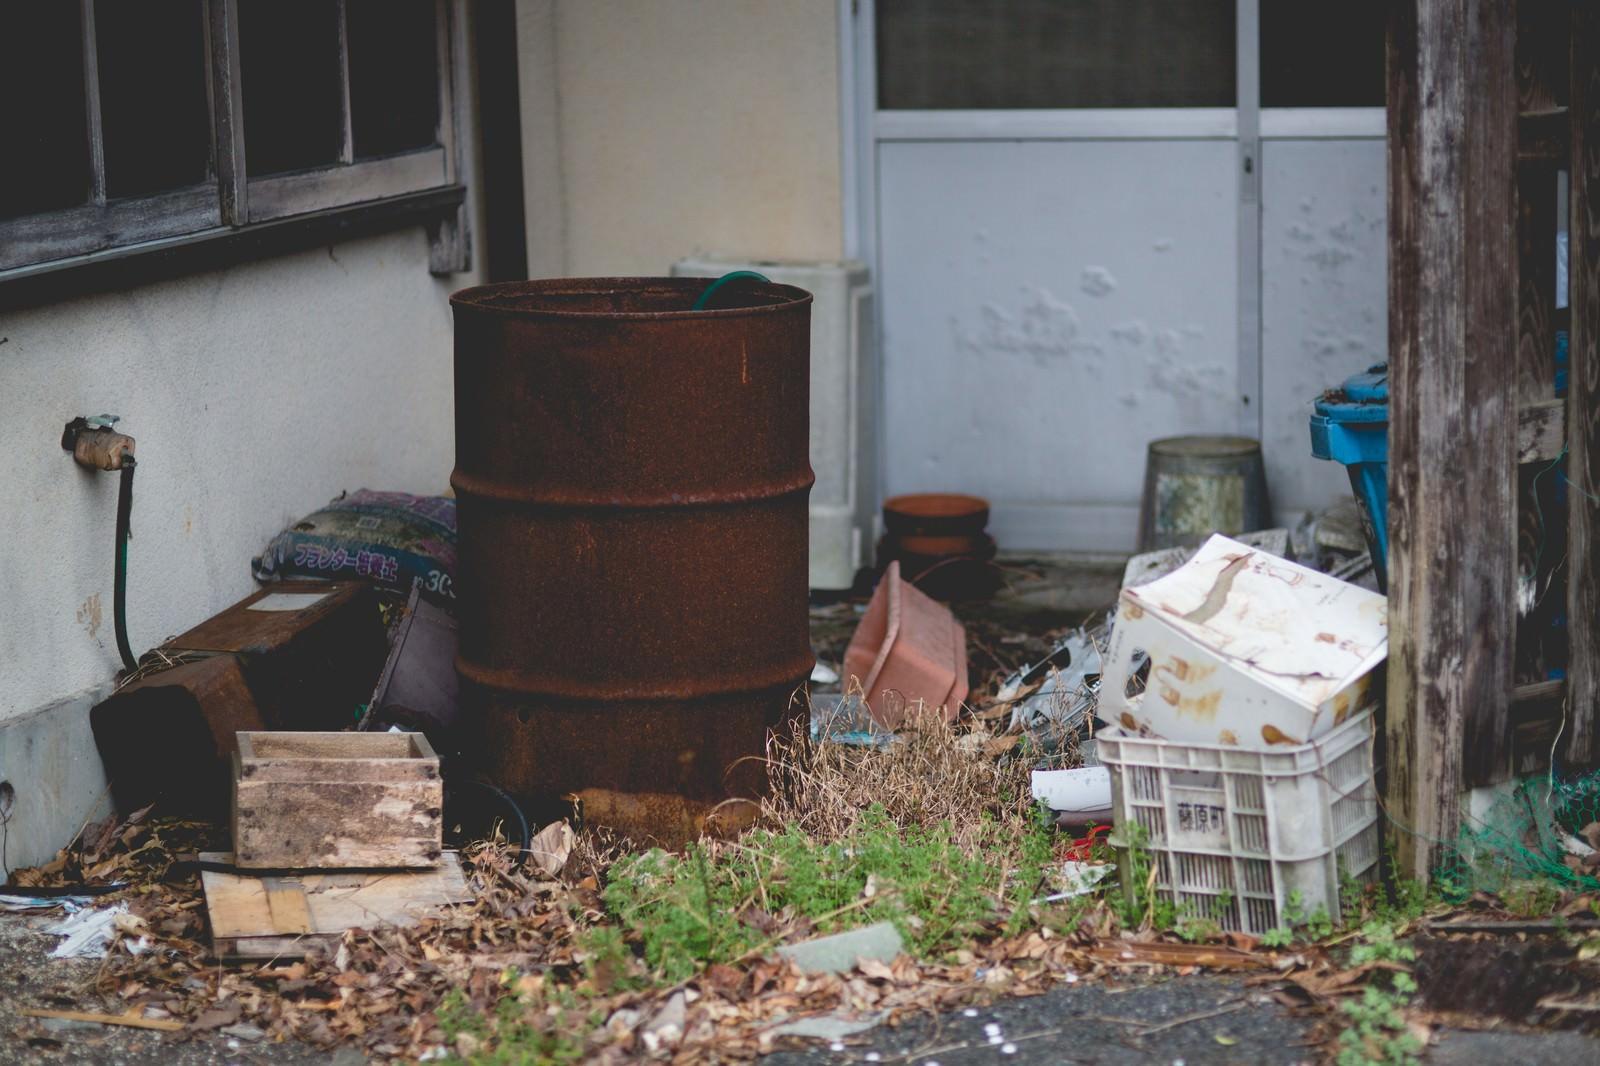 「錆びたドラム缶とゴミ」の写真